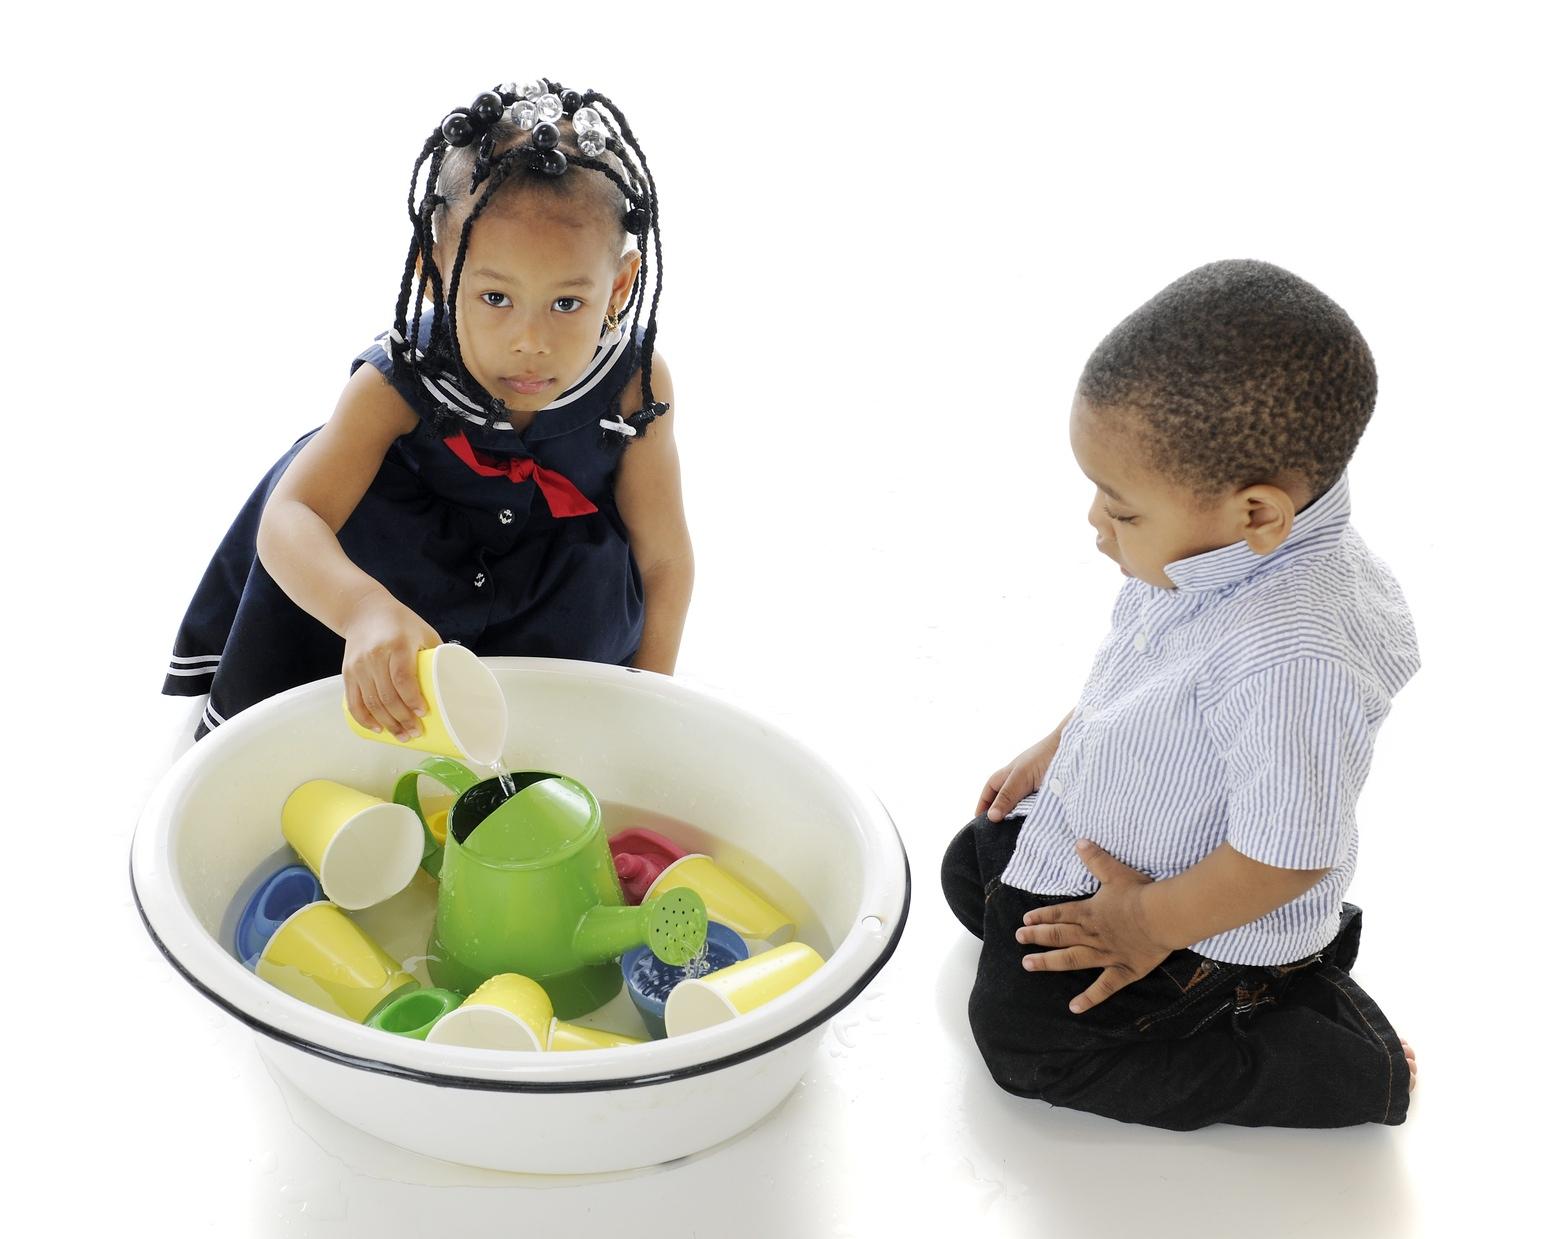 Jeux De Transvasement : Le Grand Plaisir Des Tout-Petits tout Jeux Pour Bébé 2 Ans